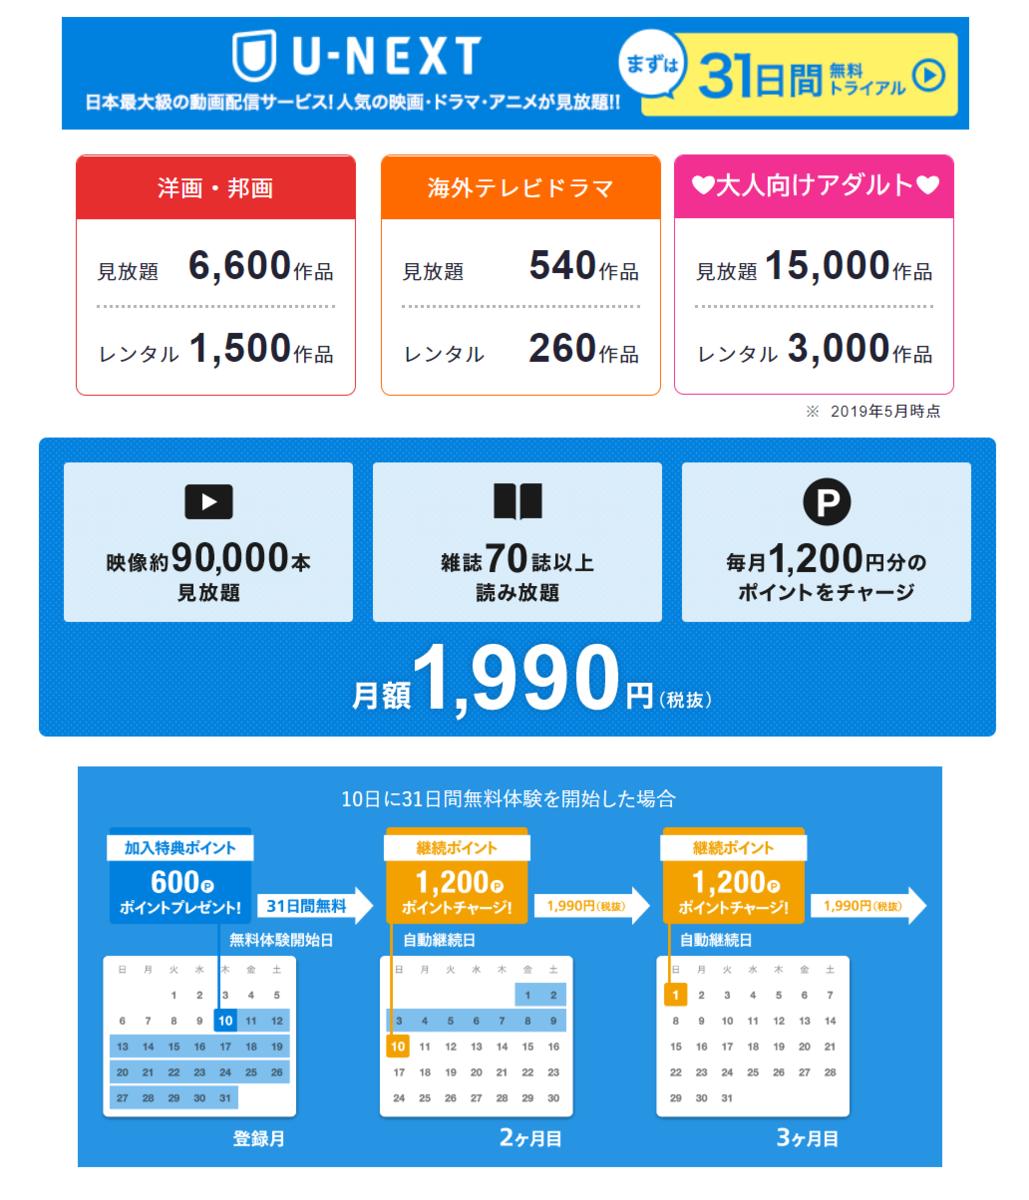 U-NEXT30日間無料体験